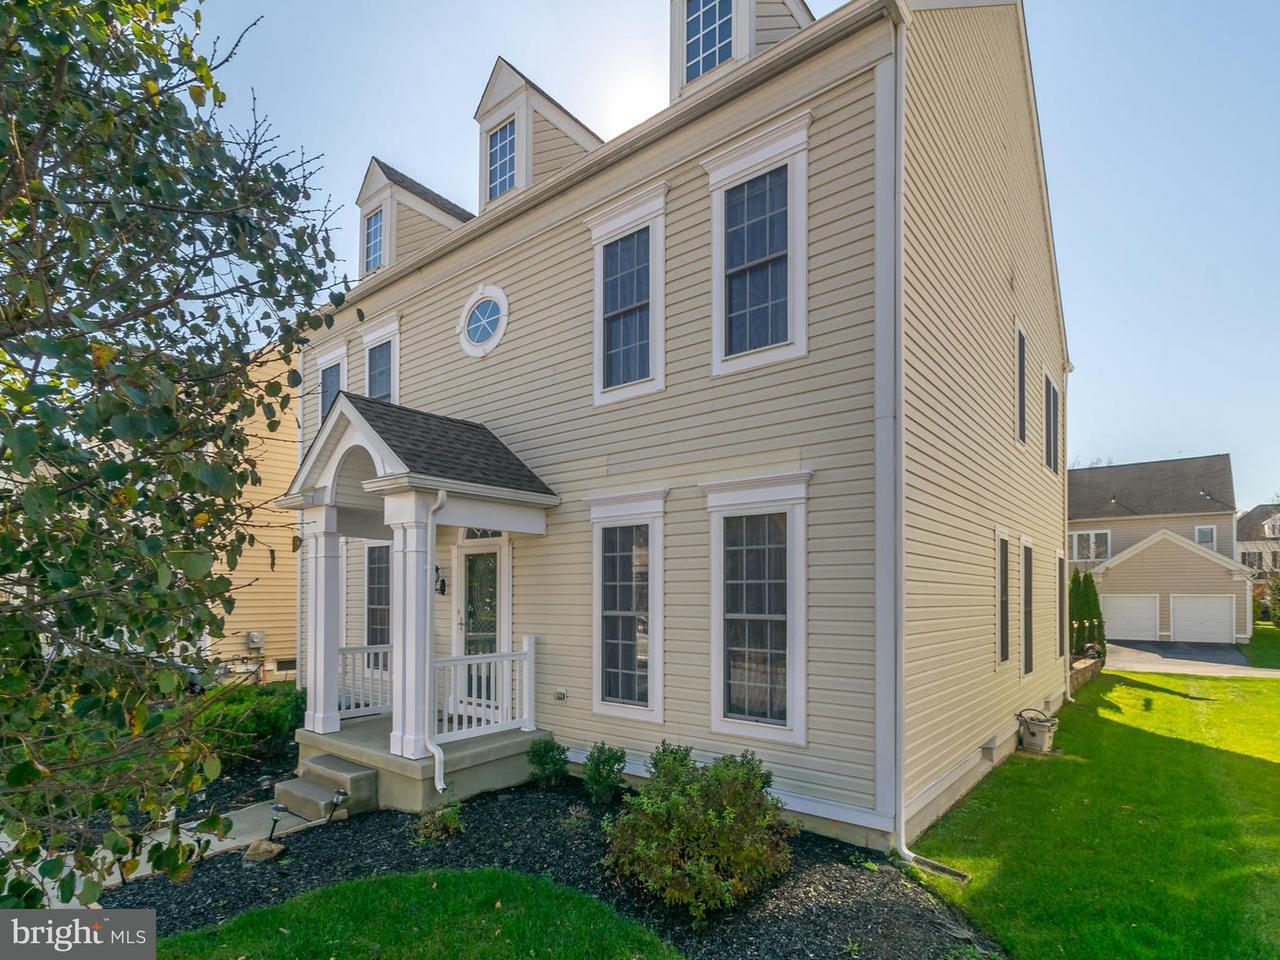 Casa Unifamiliar por un Venta en 203 OLIVER Drive Chester Springs, Pennsylvania 19425 Estados Unidos